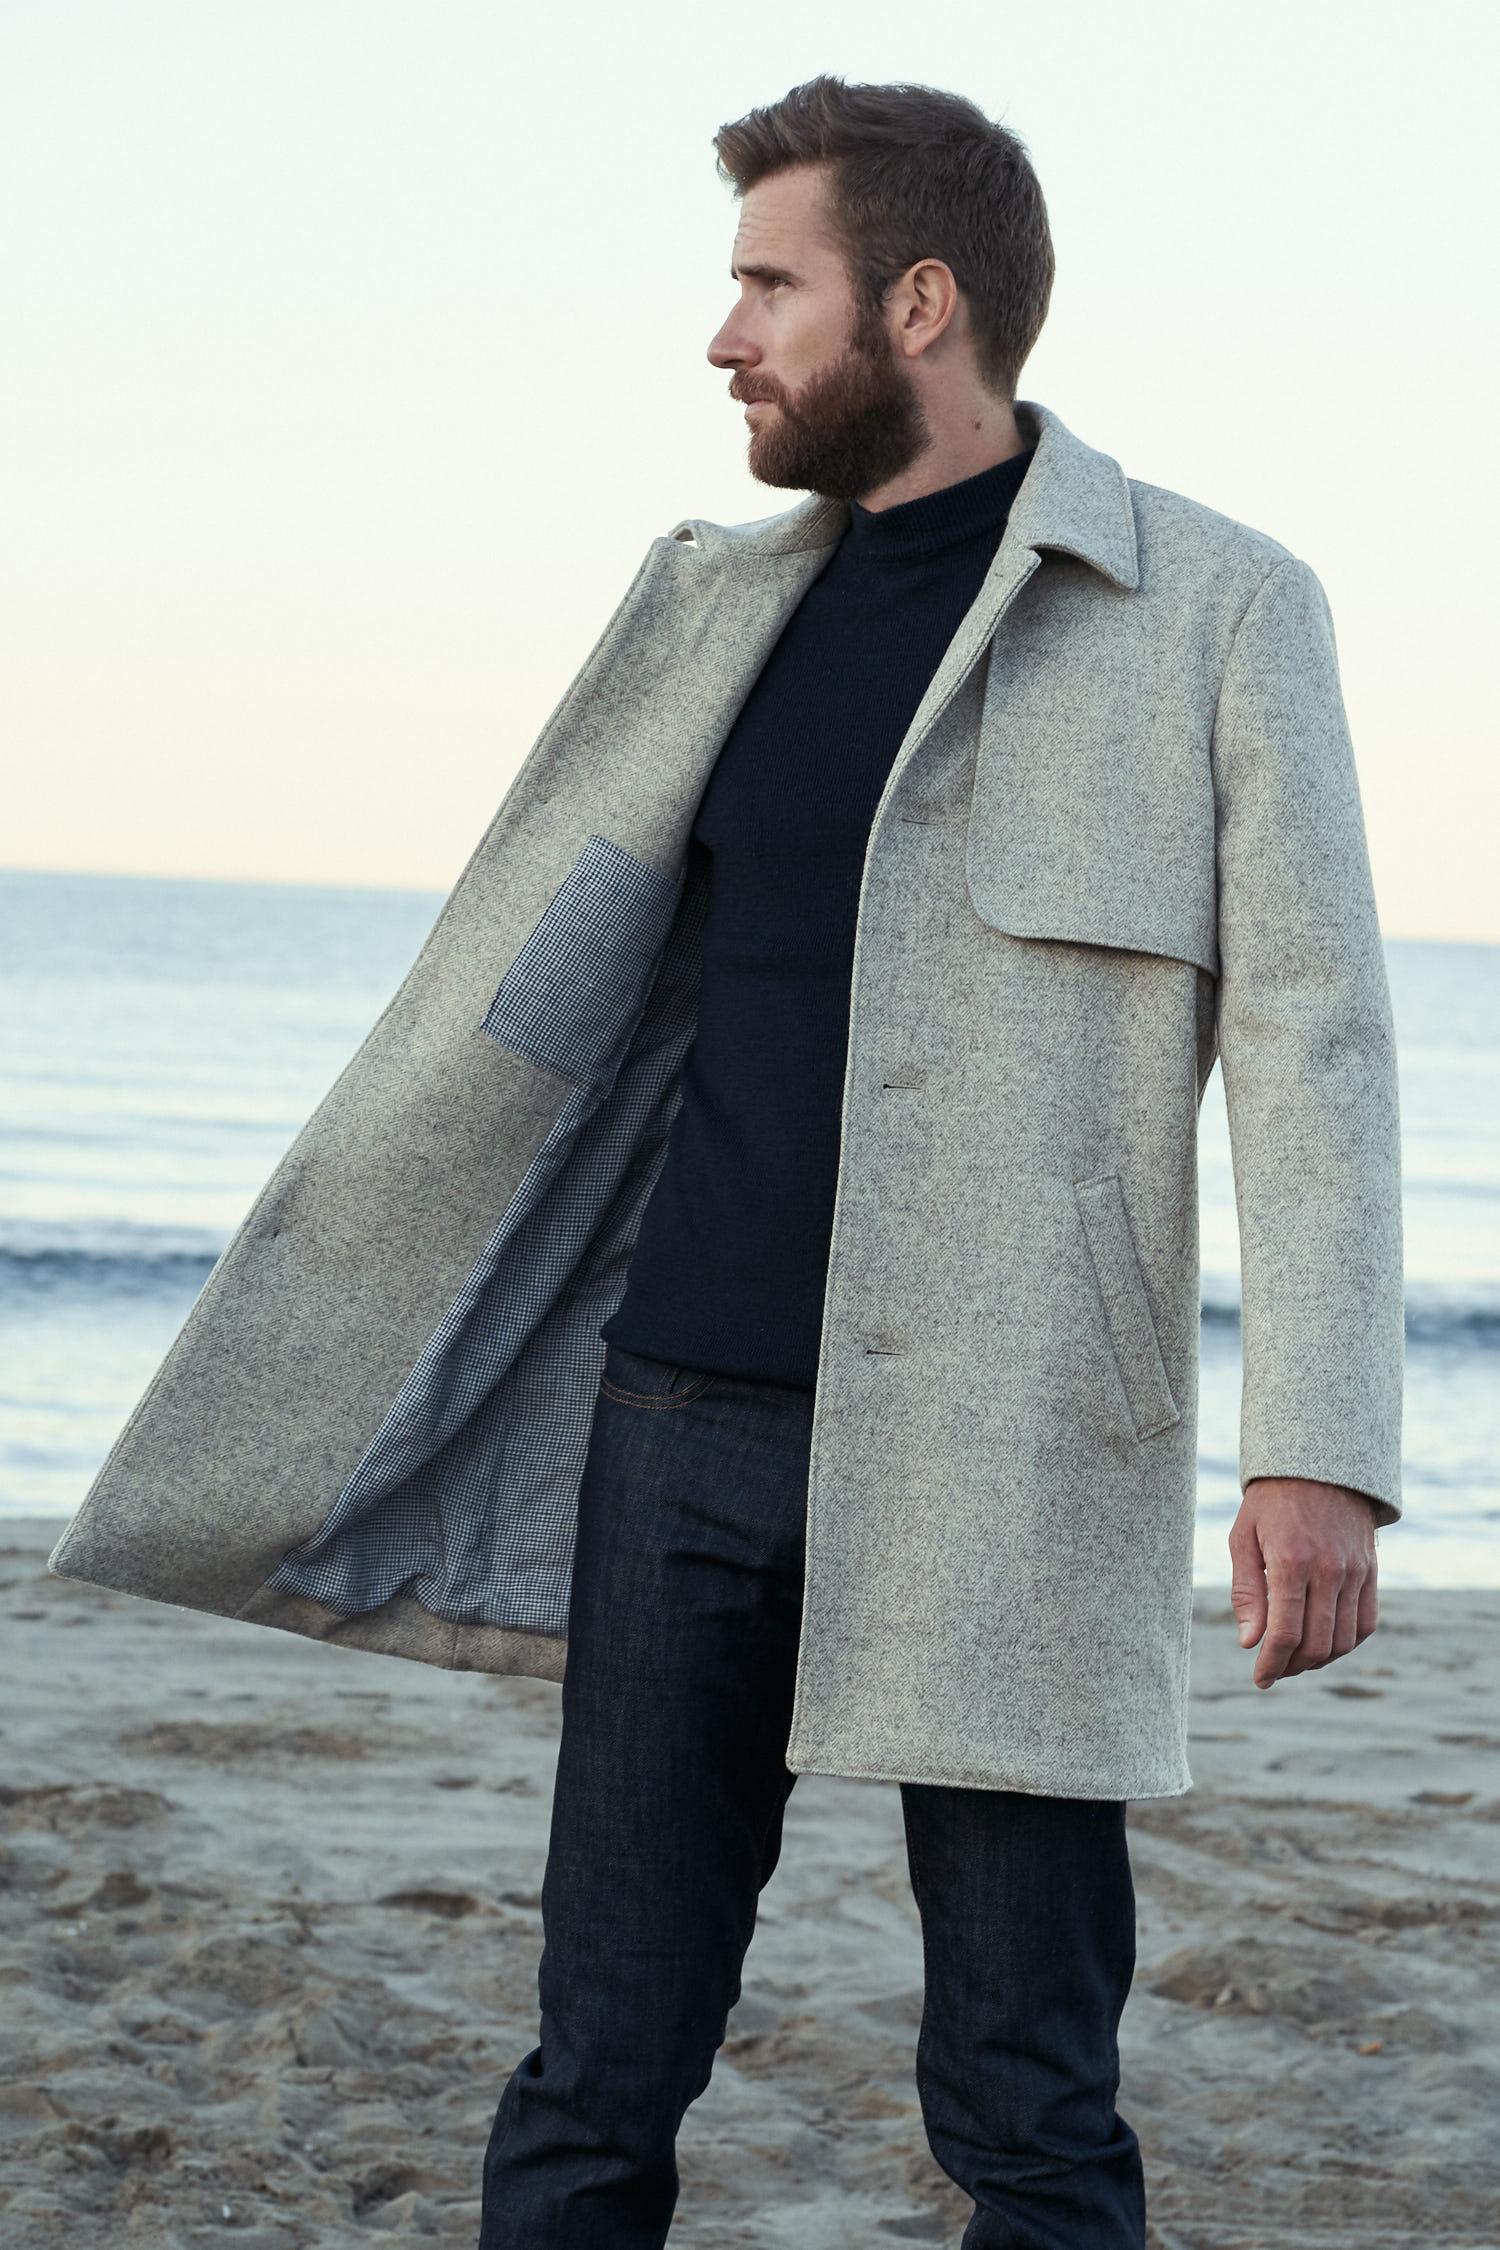 Manteau long élégant pour homme en laines françaises. Couleur écrue. tissé en France. Fabrication 100% made in France. Doublure en lin Belge certifié Master of Linen.